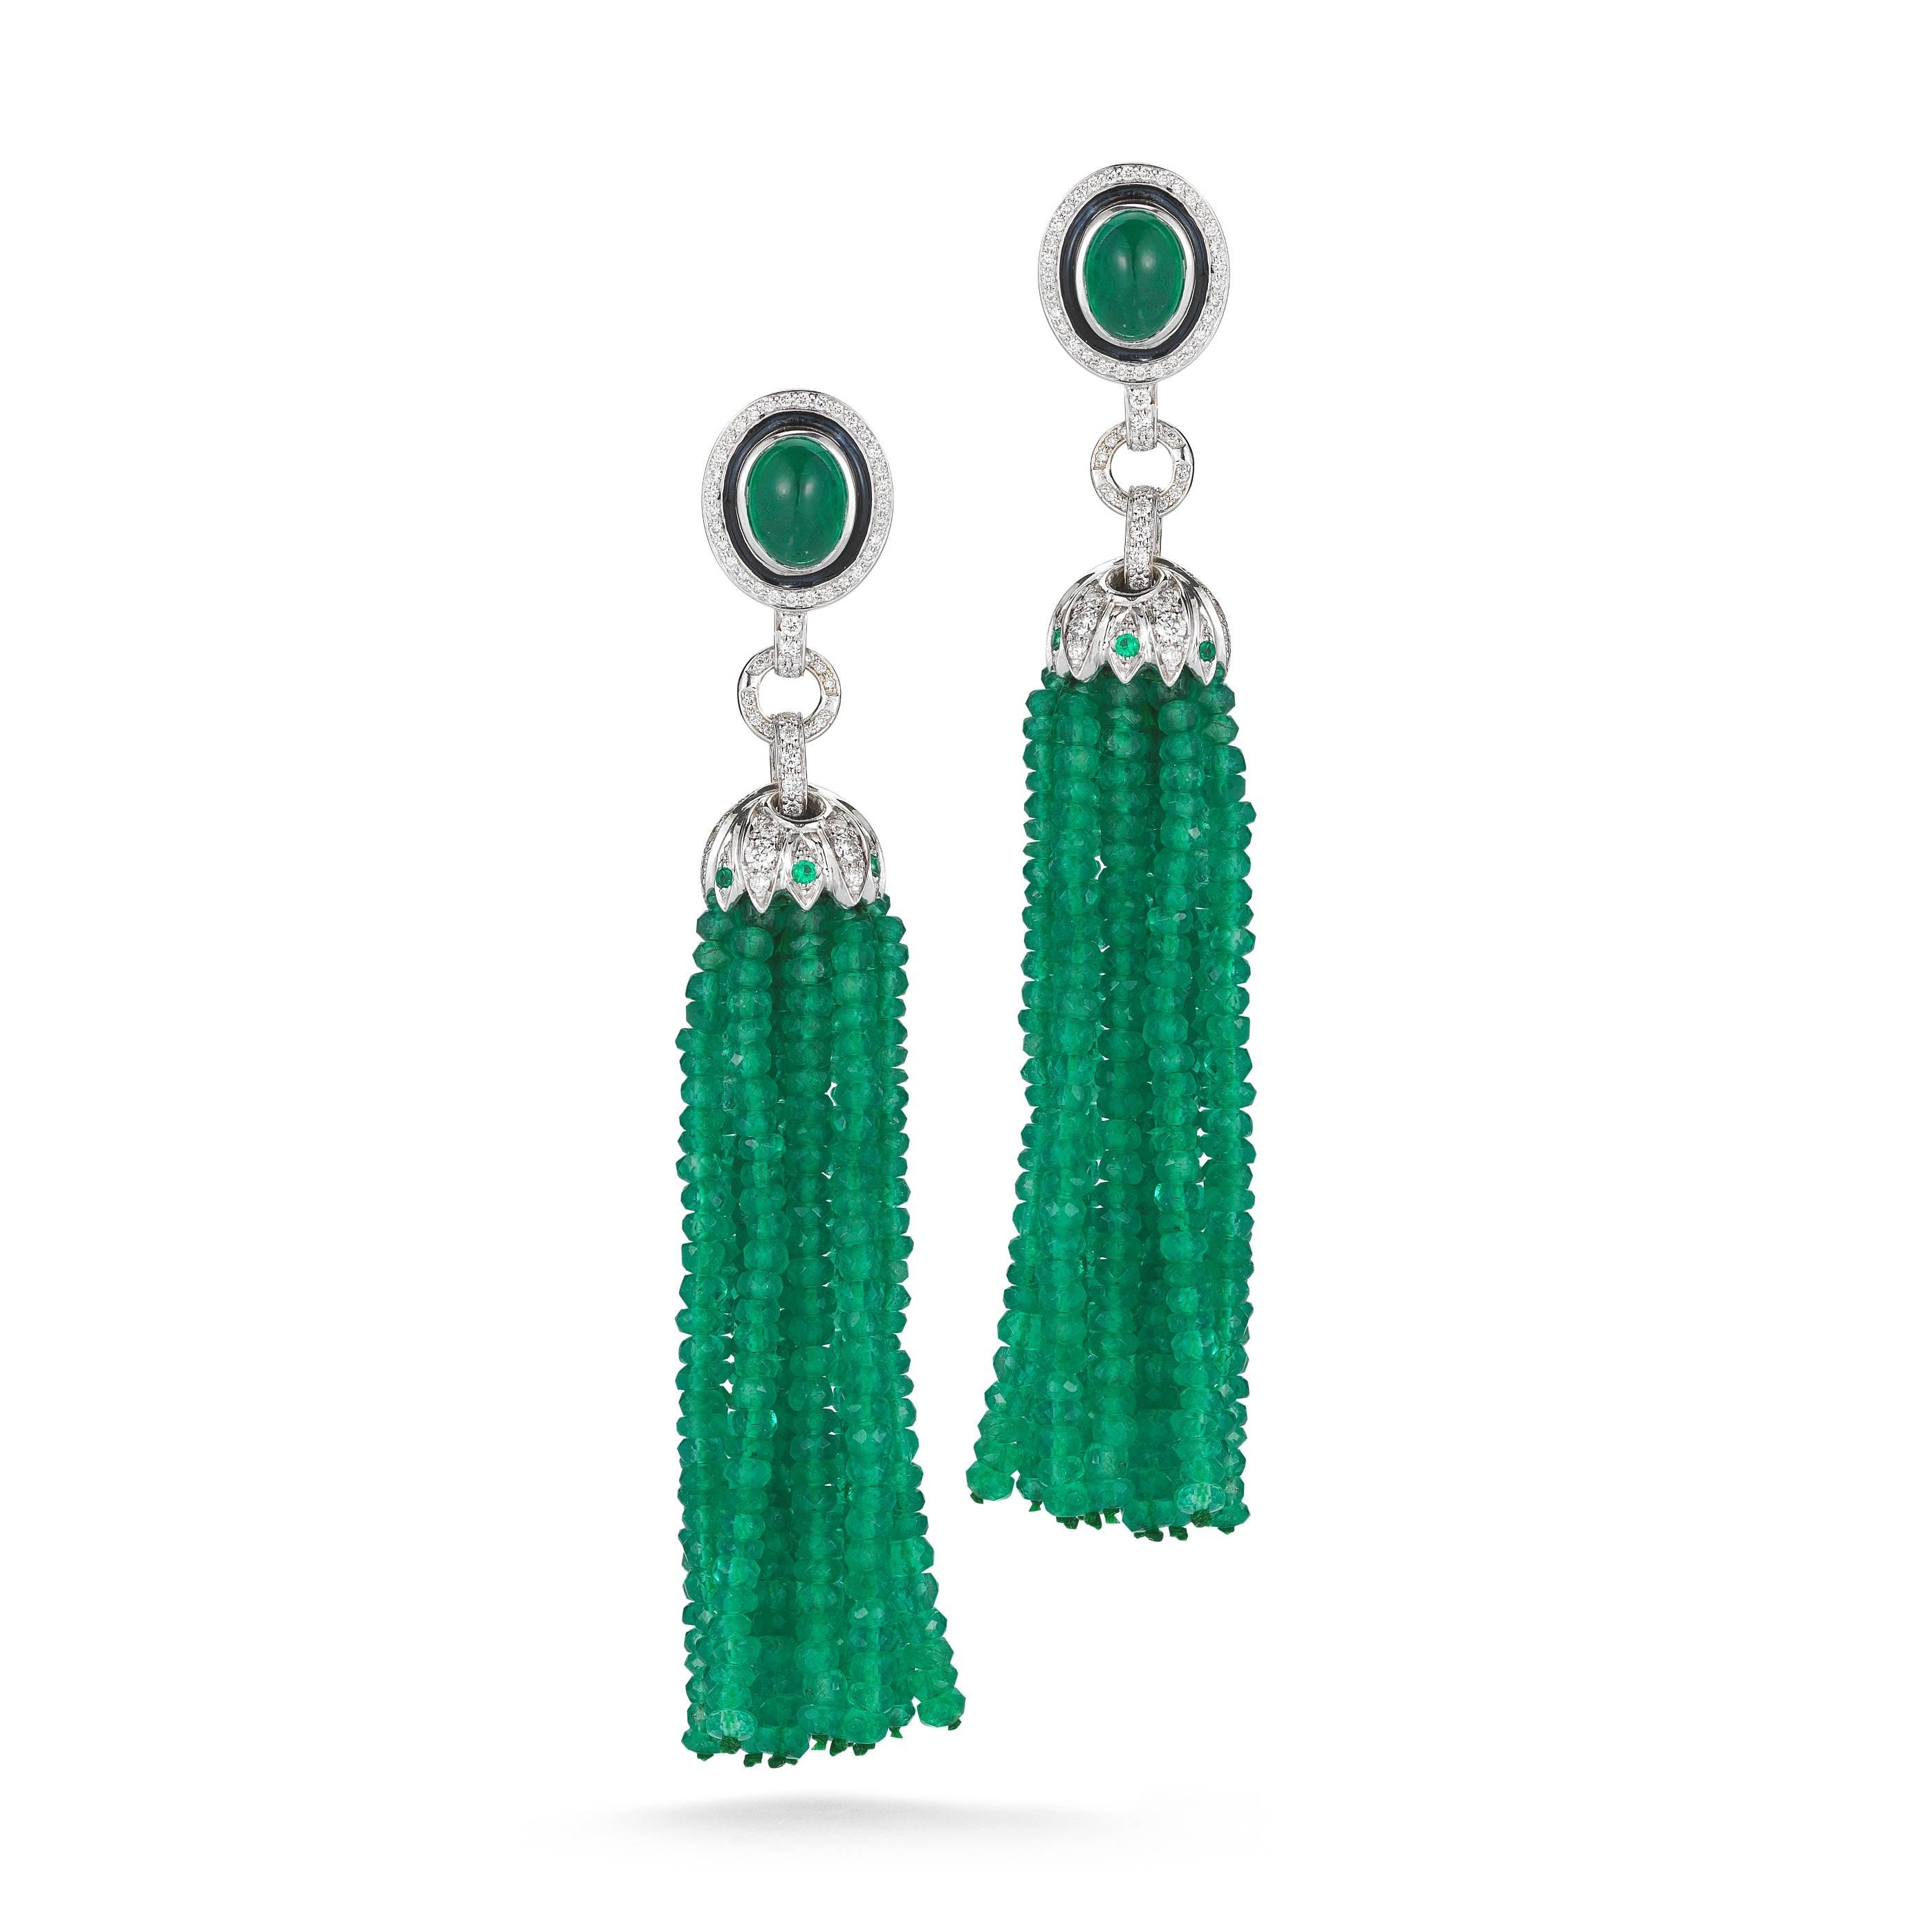 Ivanka Trump Lao Tong Emerald Diamond Tassel Earrings at Harvey Nichols Dubai